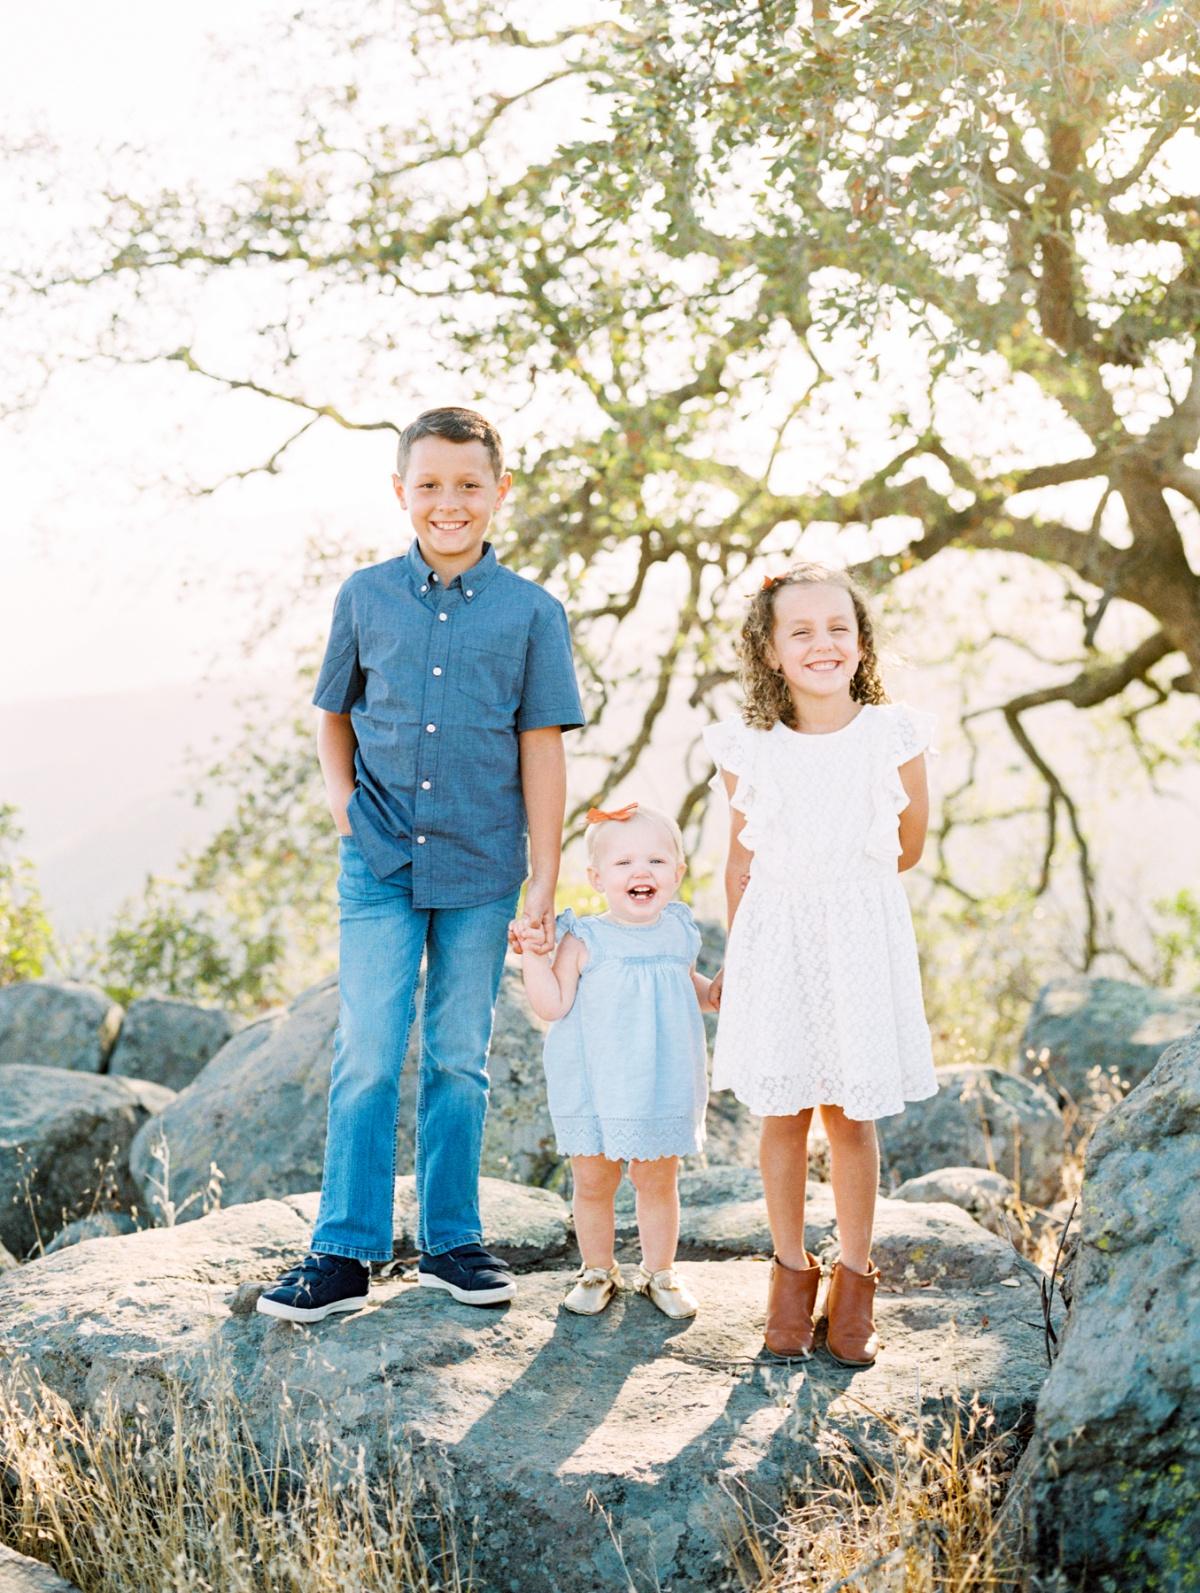 temecula-family-photography_0005.jpg